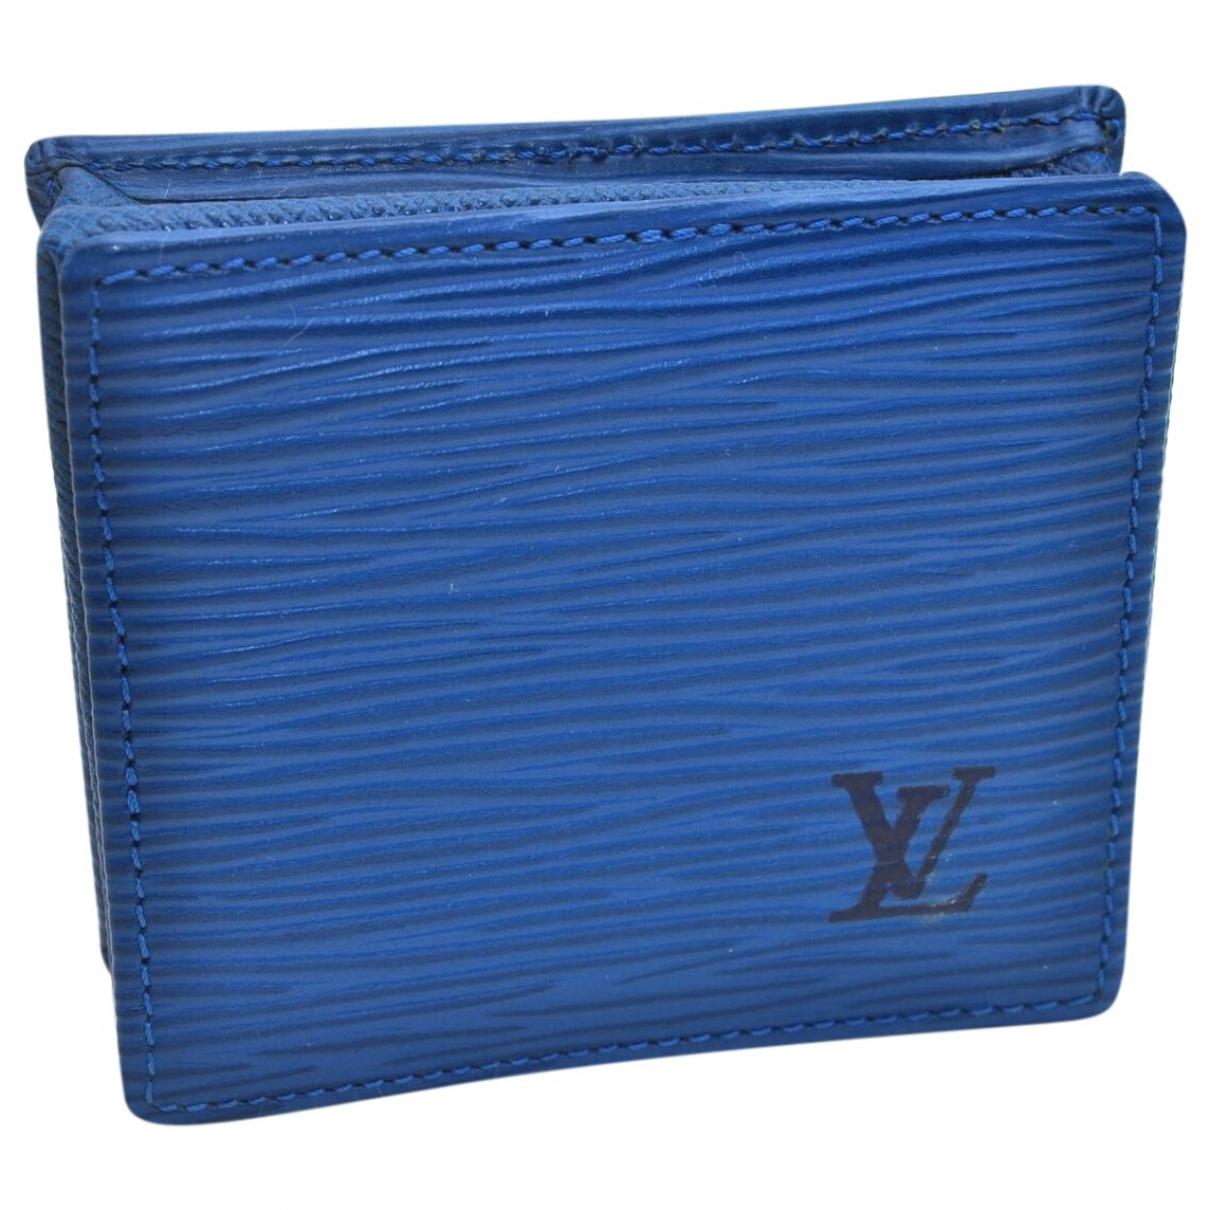 Louis Vuitton \N Blue Leather handbag for Women \N